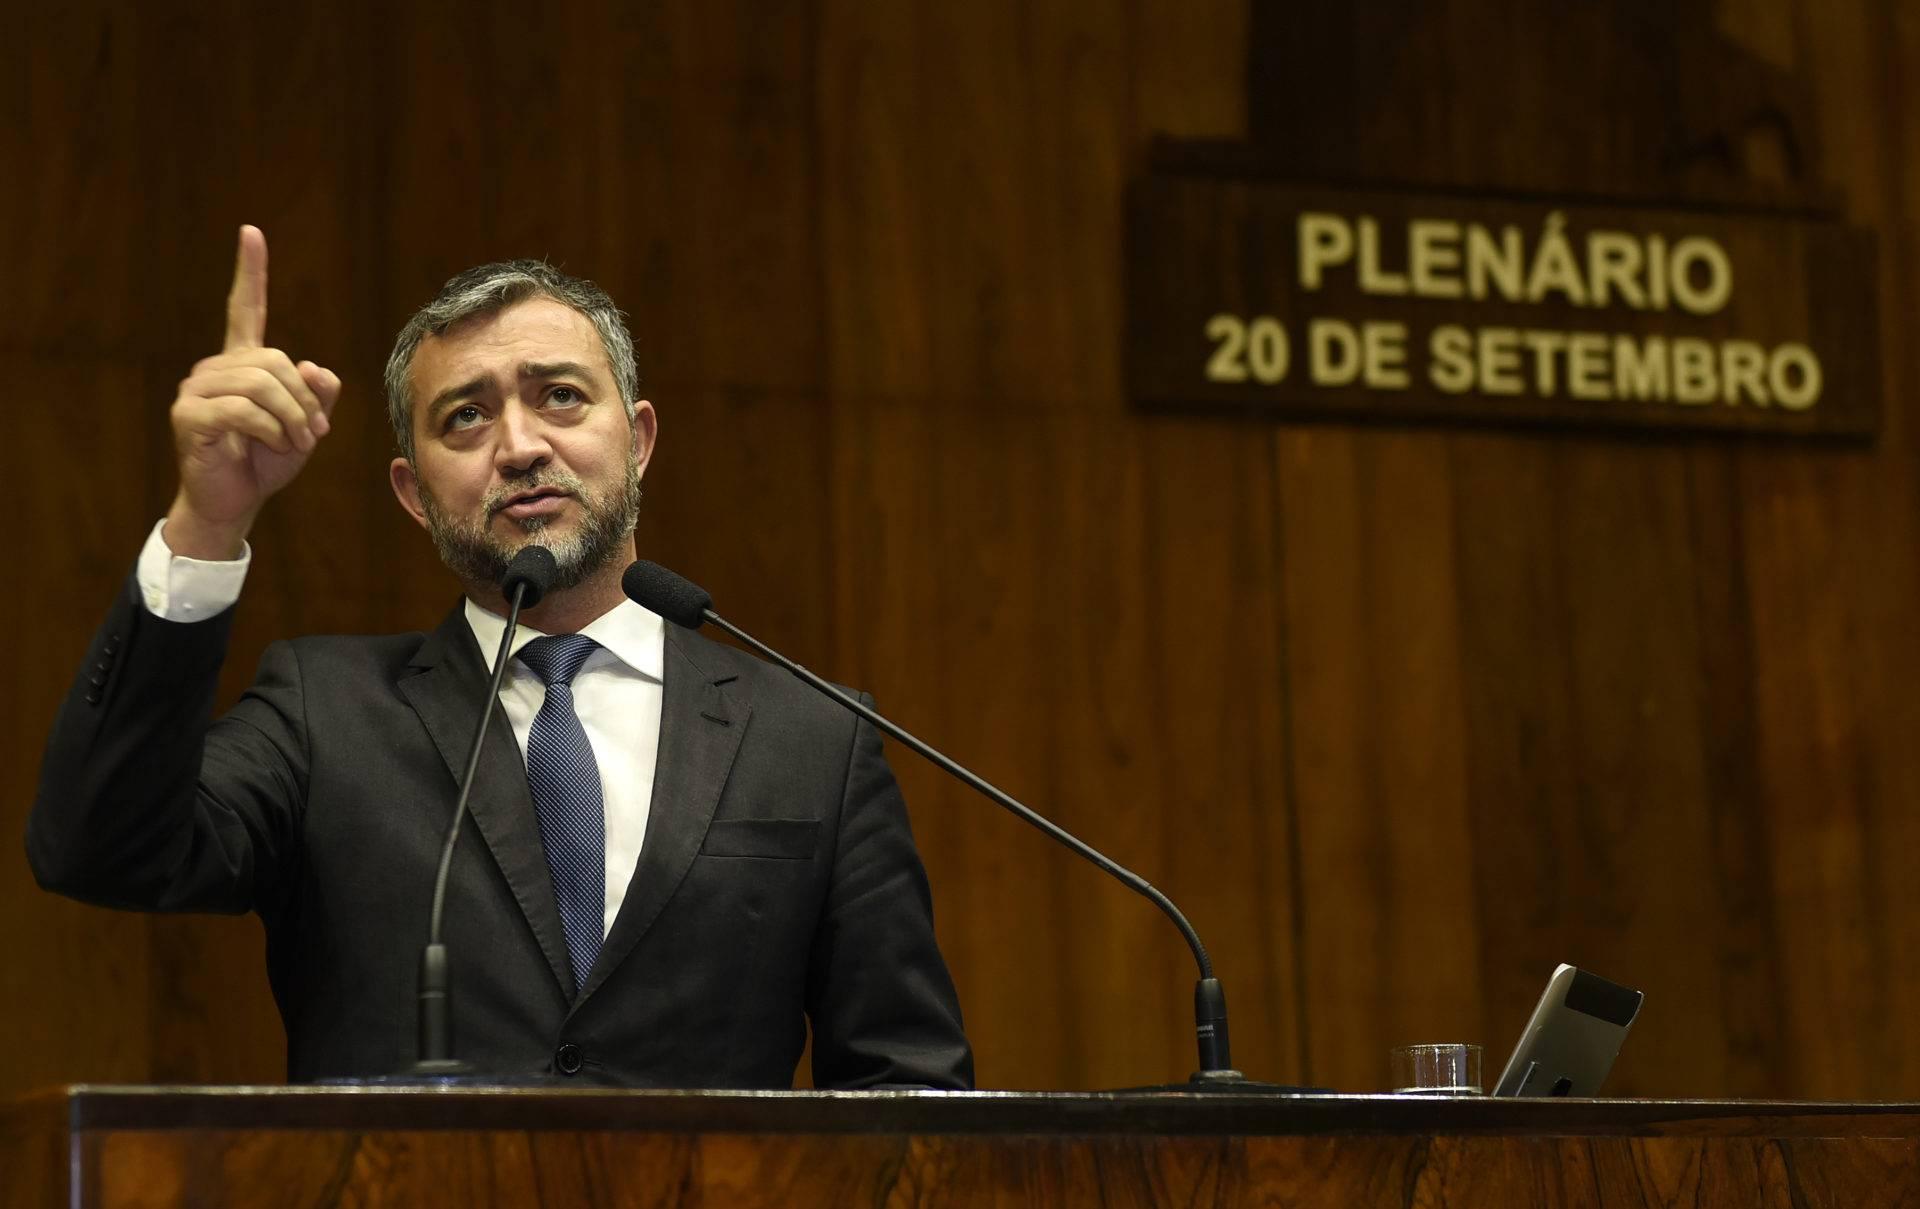 Partidos irão protocolar recurso para anular sessão que aprovou PEC da retirada do plebiscito